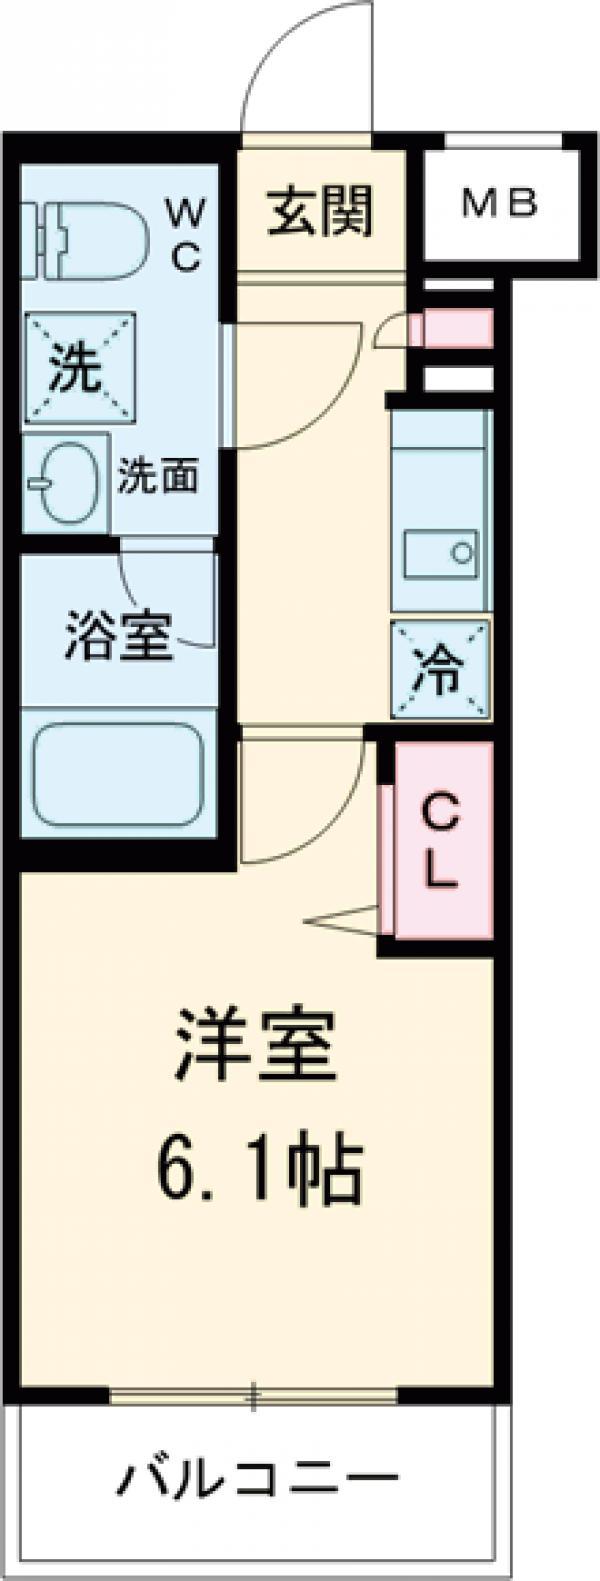 メインステージ立川Ⅲ 302号室の間取り